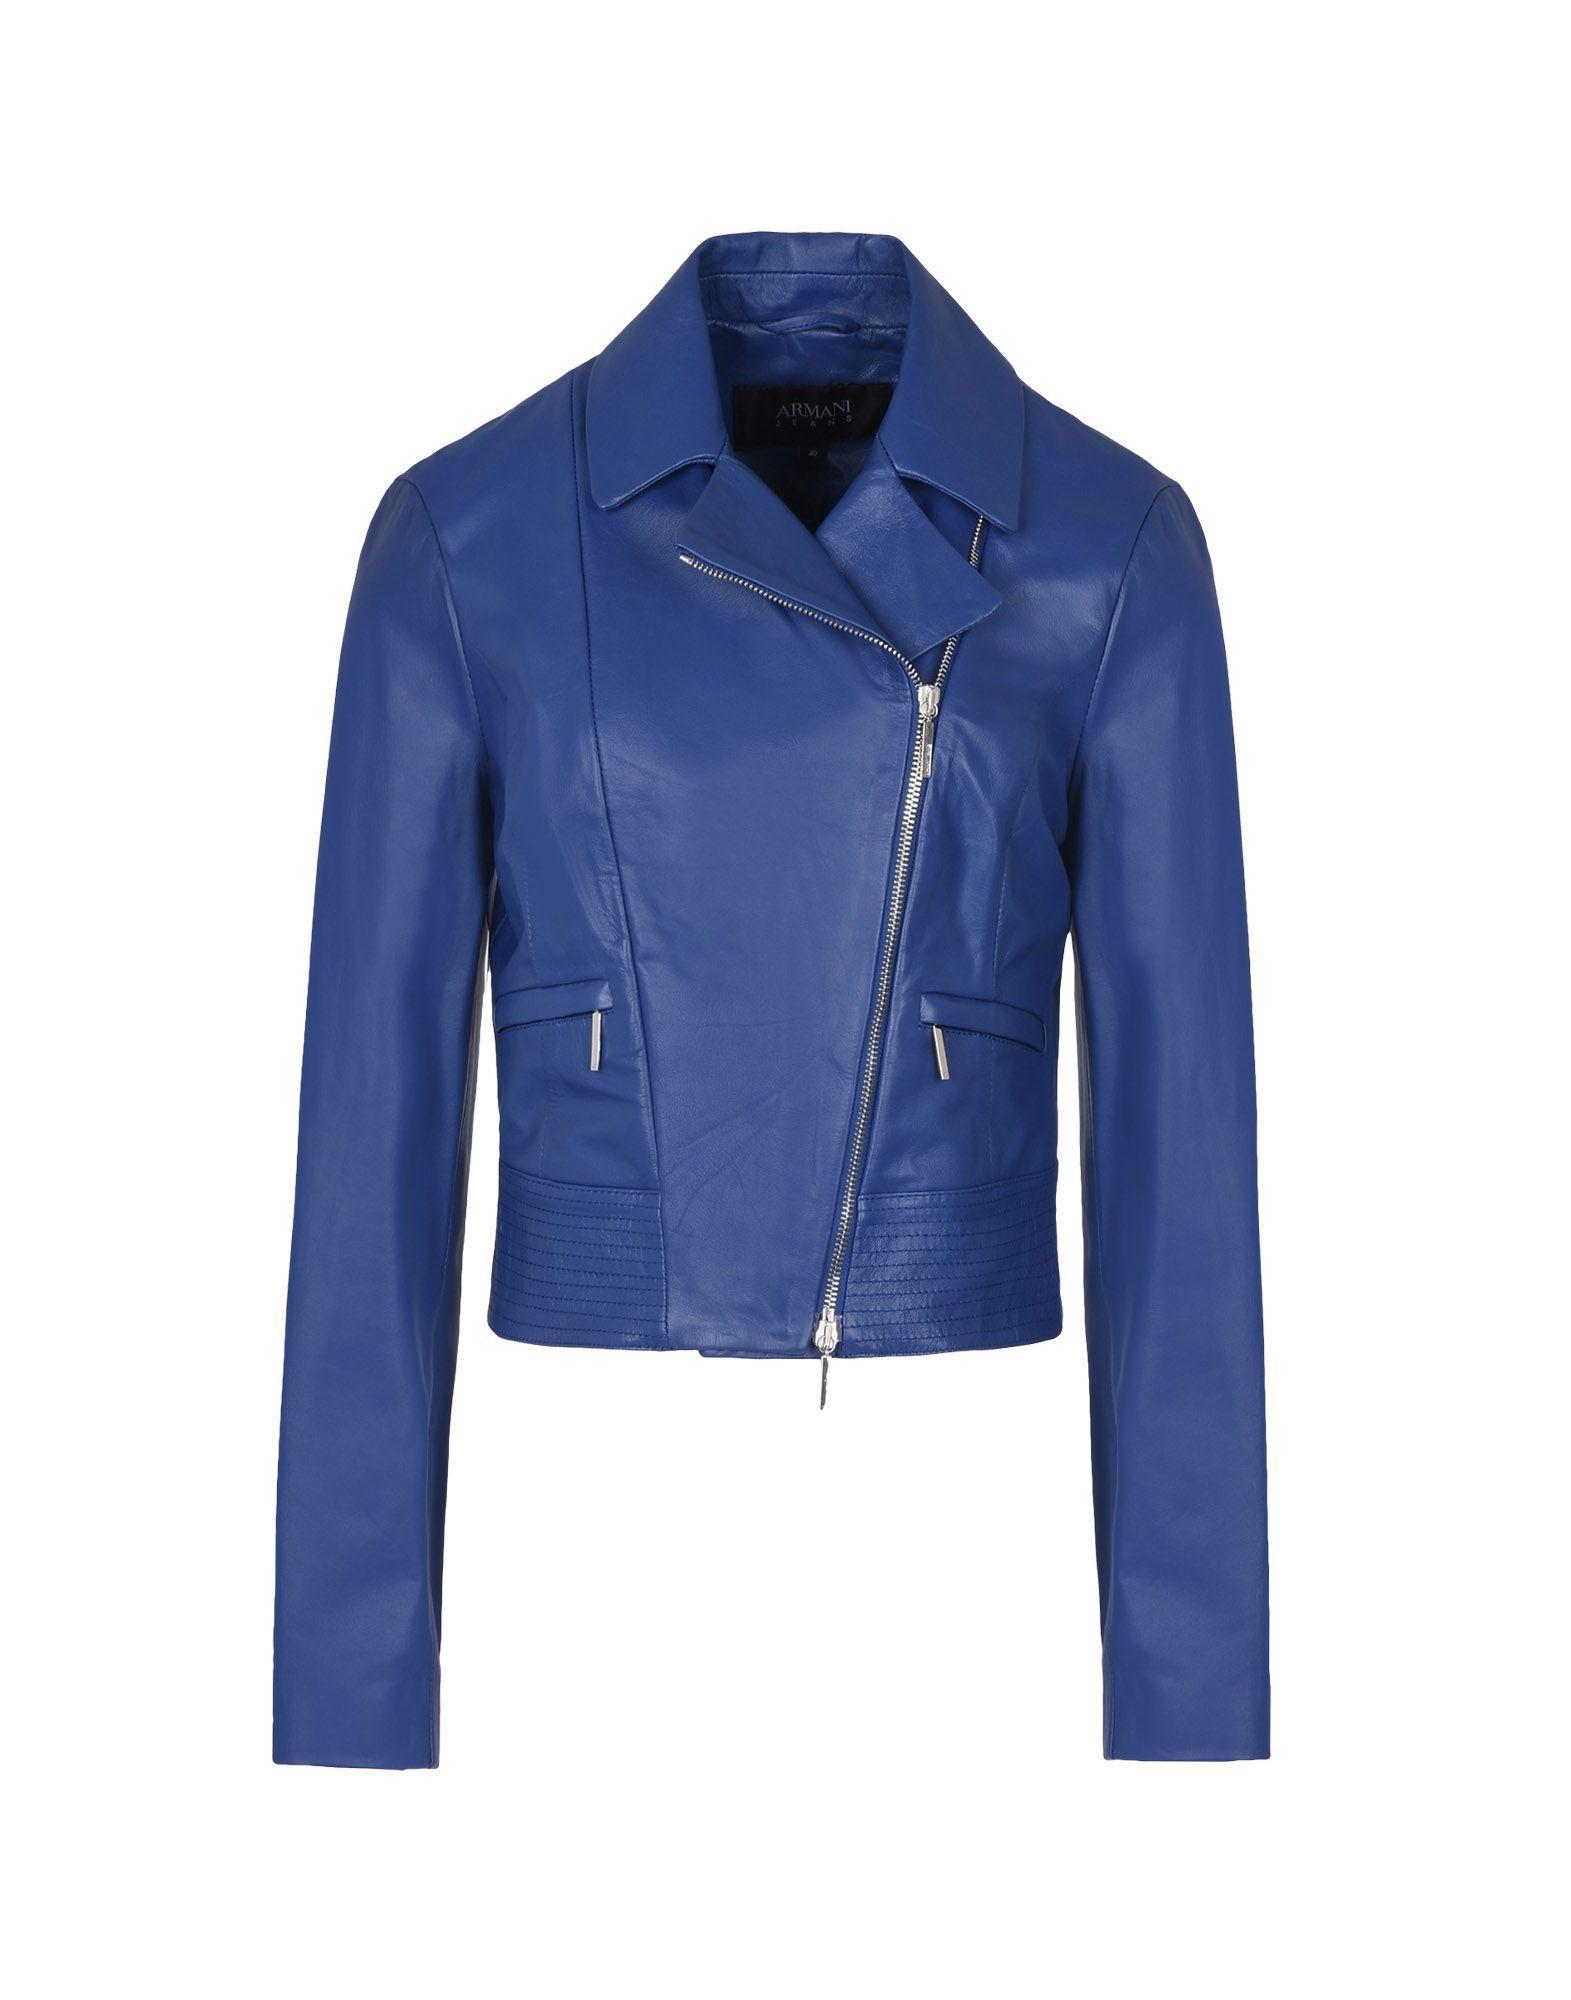 Armani Jeans Biker Jacket In Blue